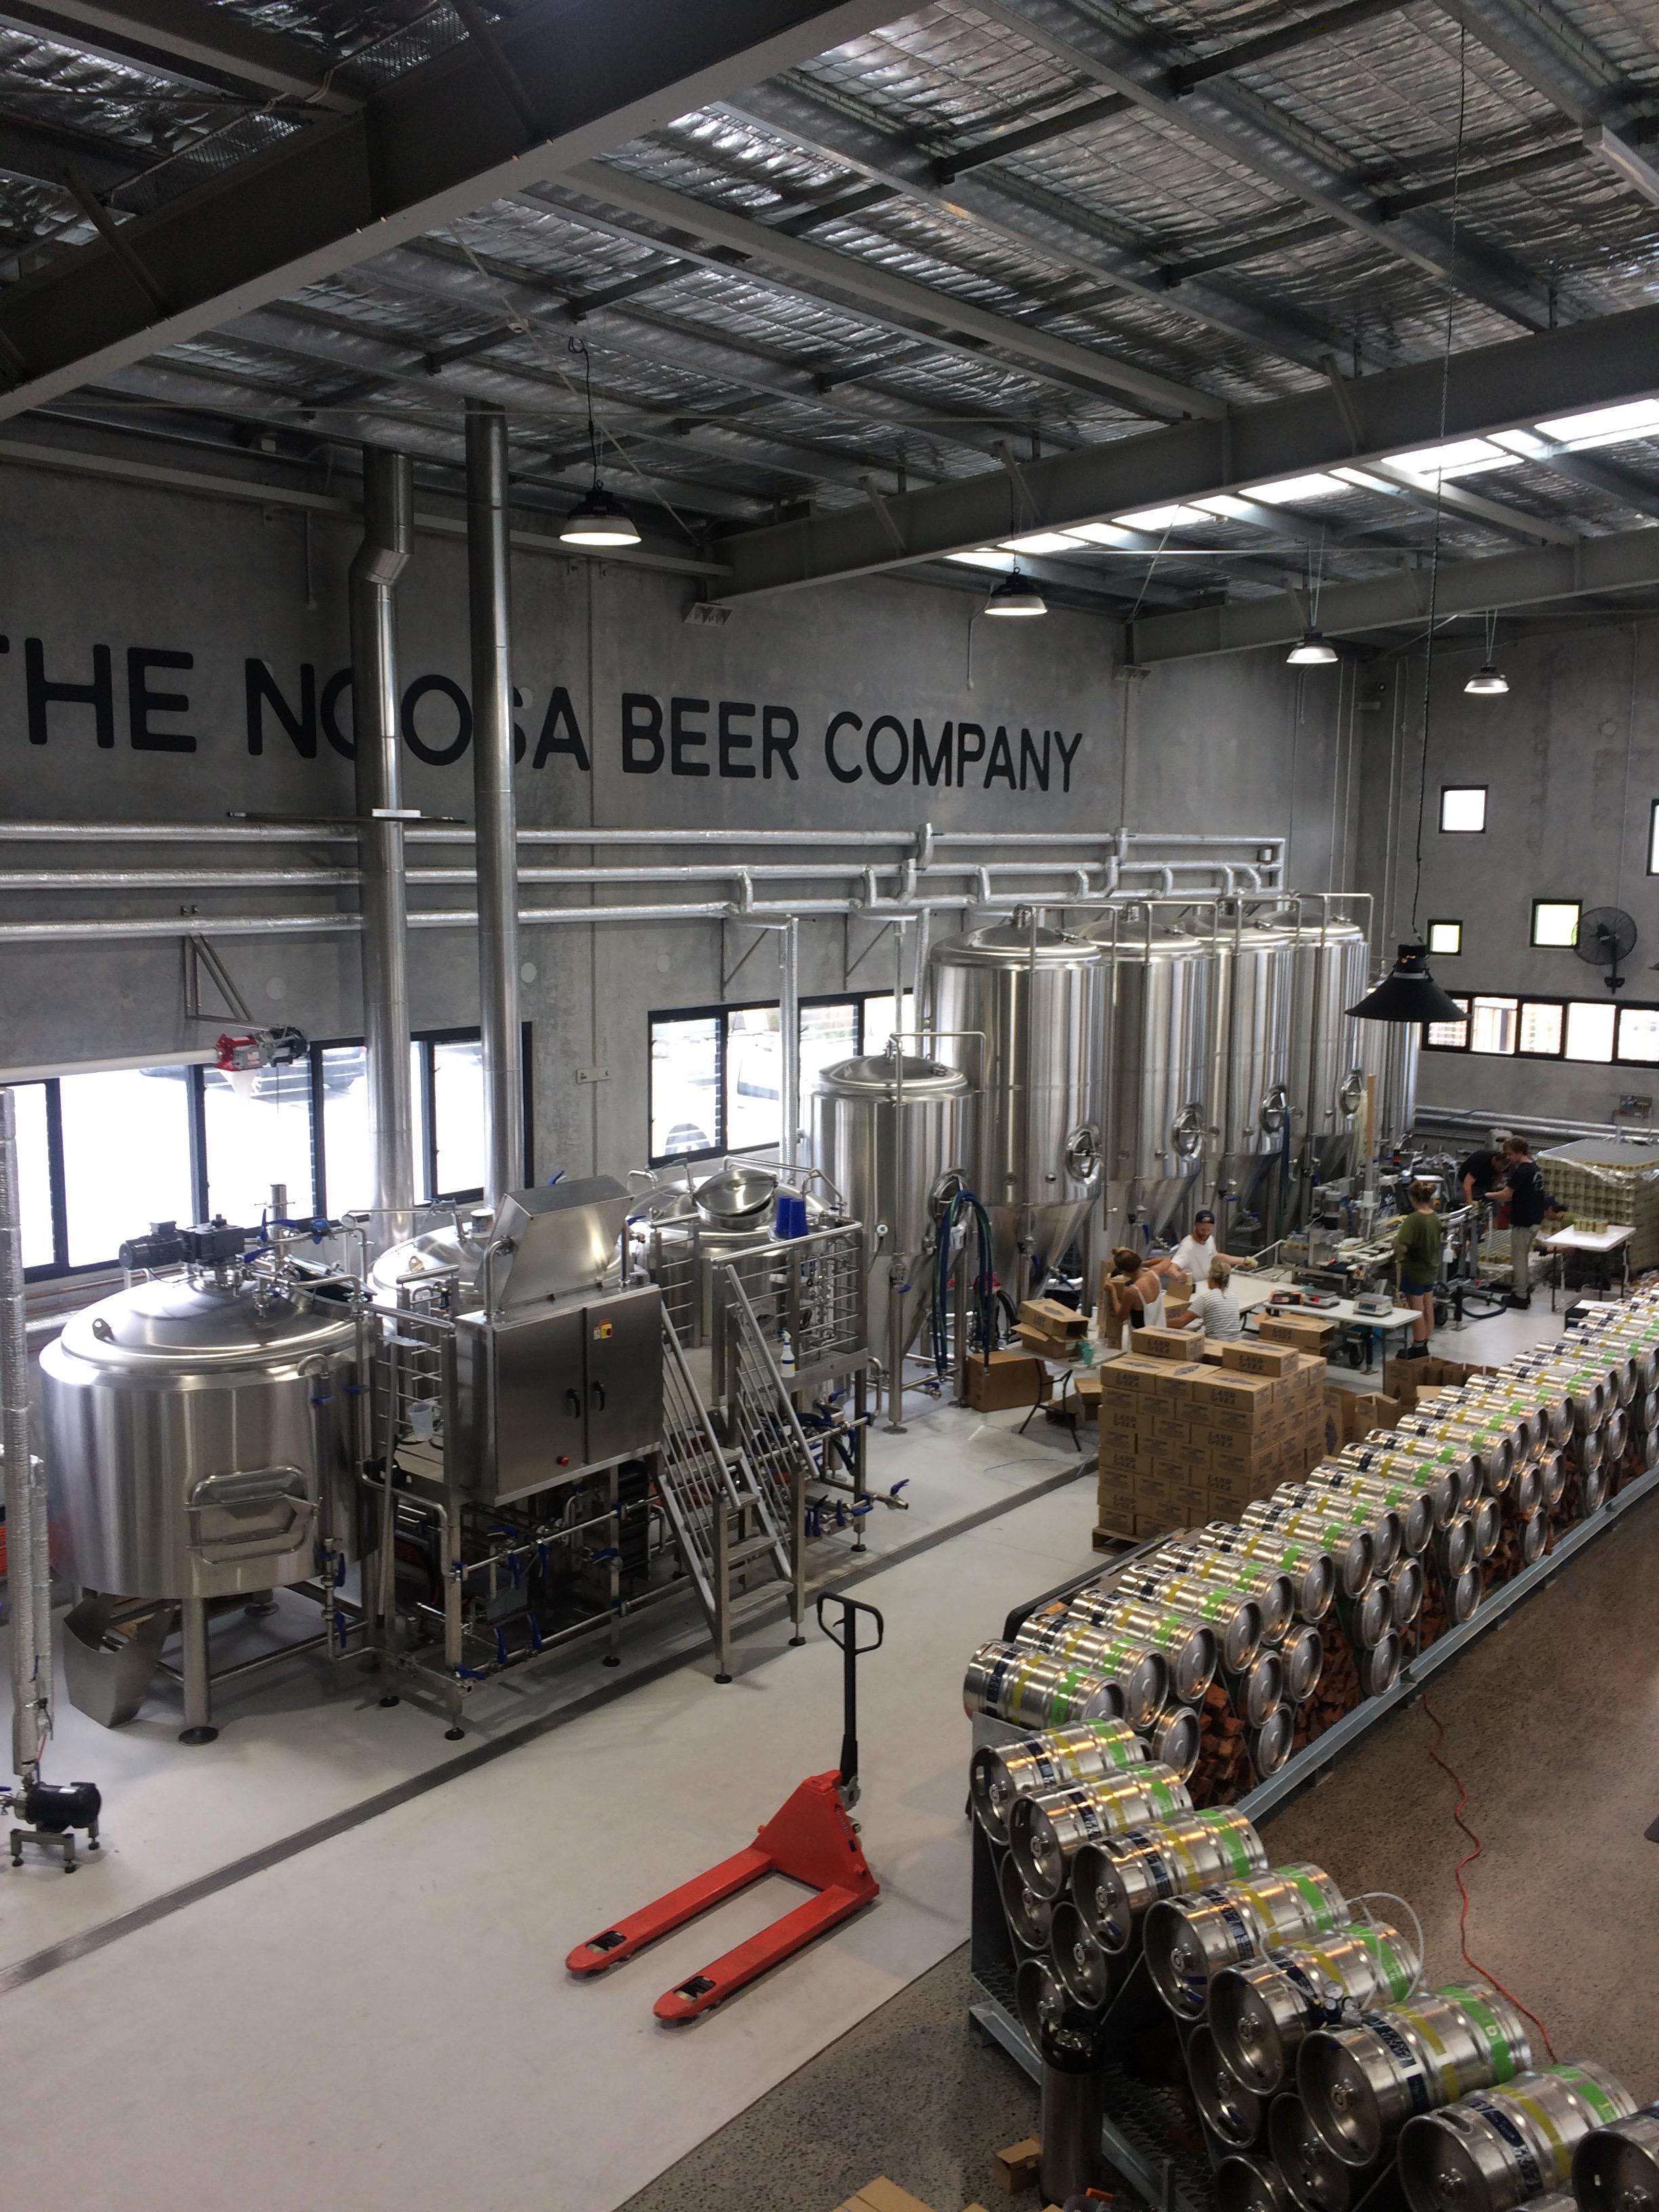 Noosa Beer Co